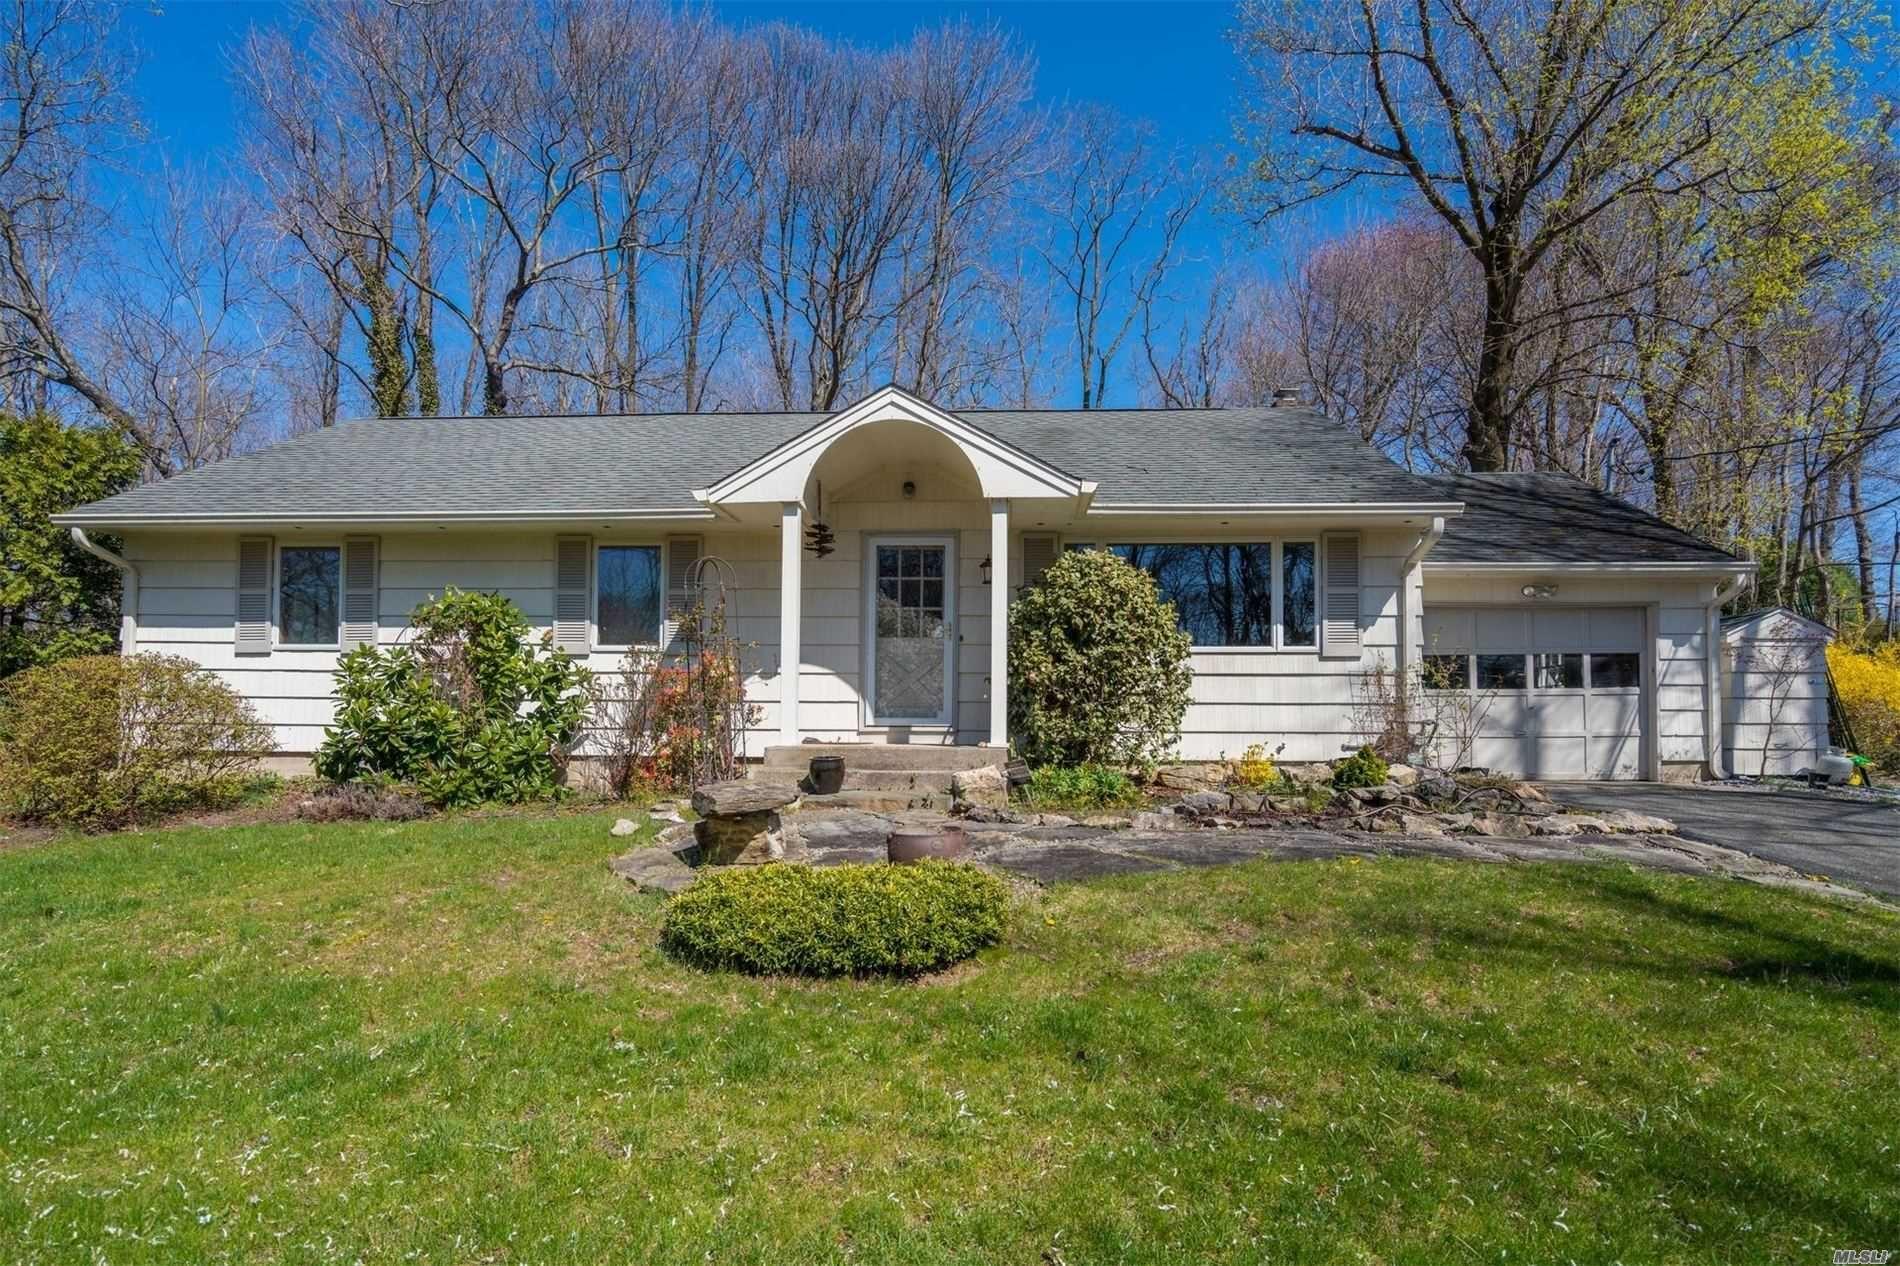 107 Quaker Path, Stony Brook, NY 11790 - MLS#: 3213599